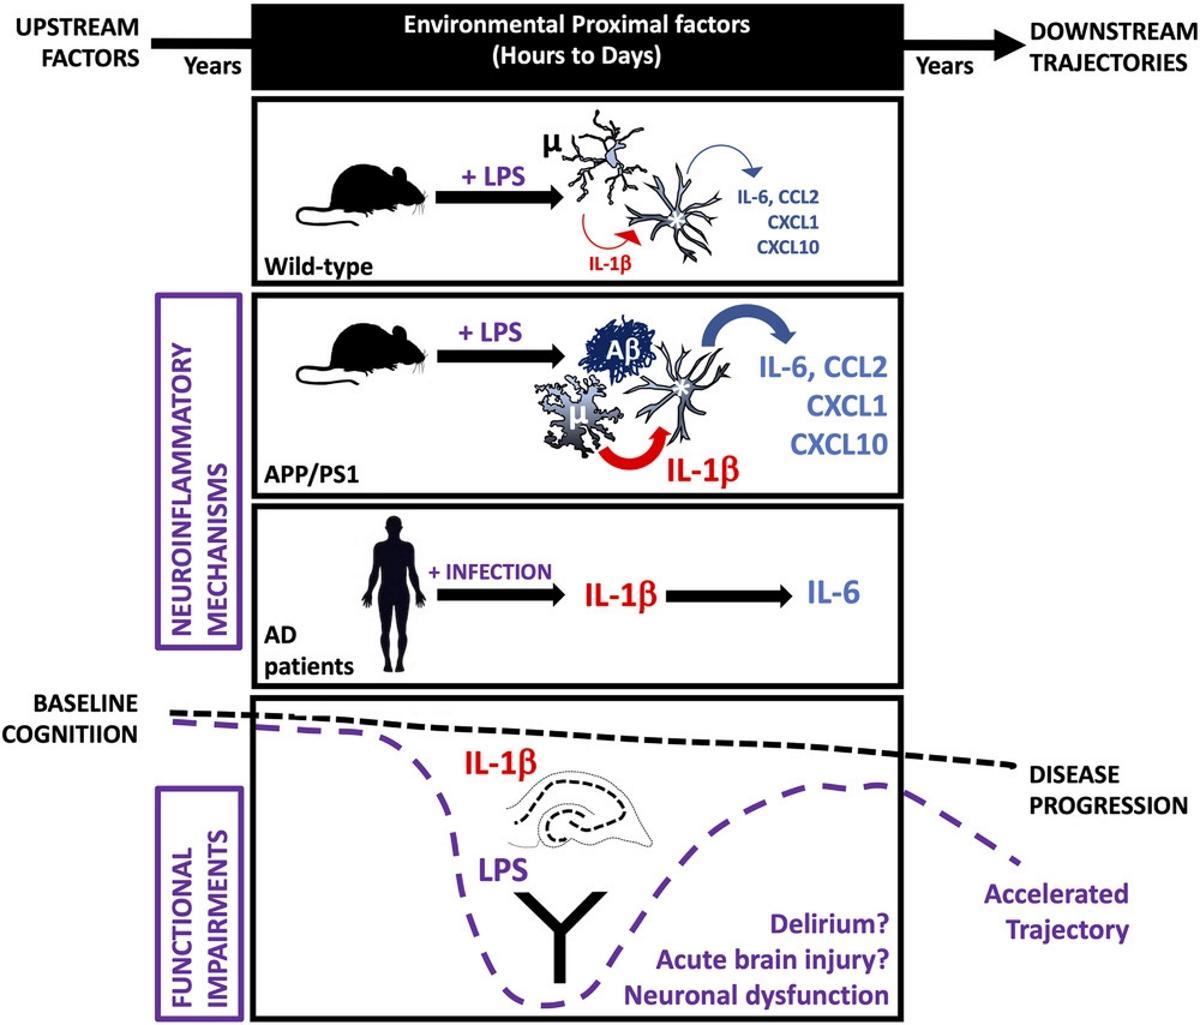 Инфекции ухудшают когнитивные способности при болезни Альцгеймера